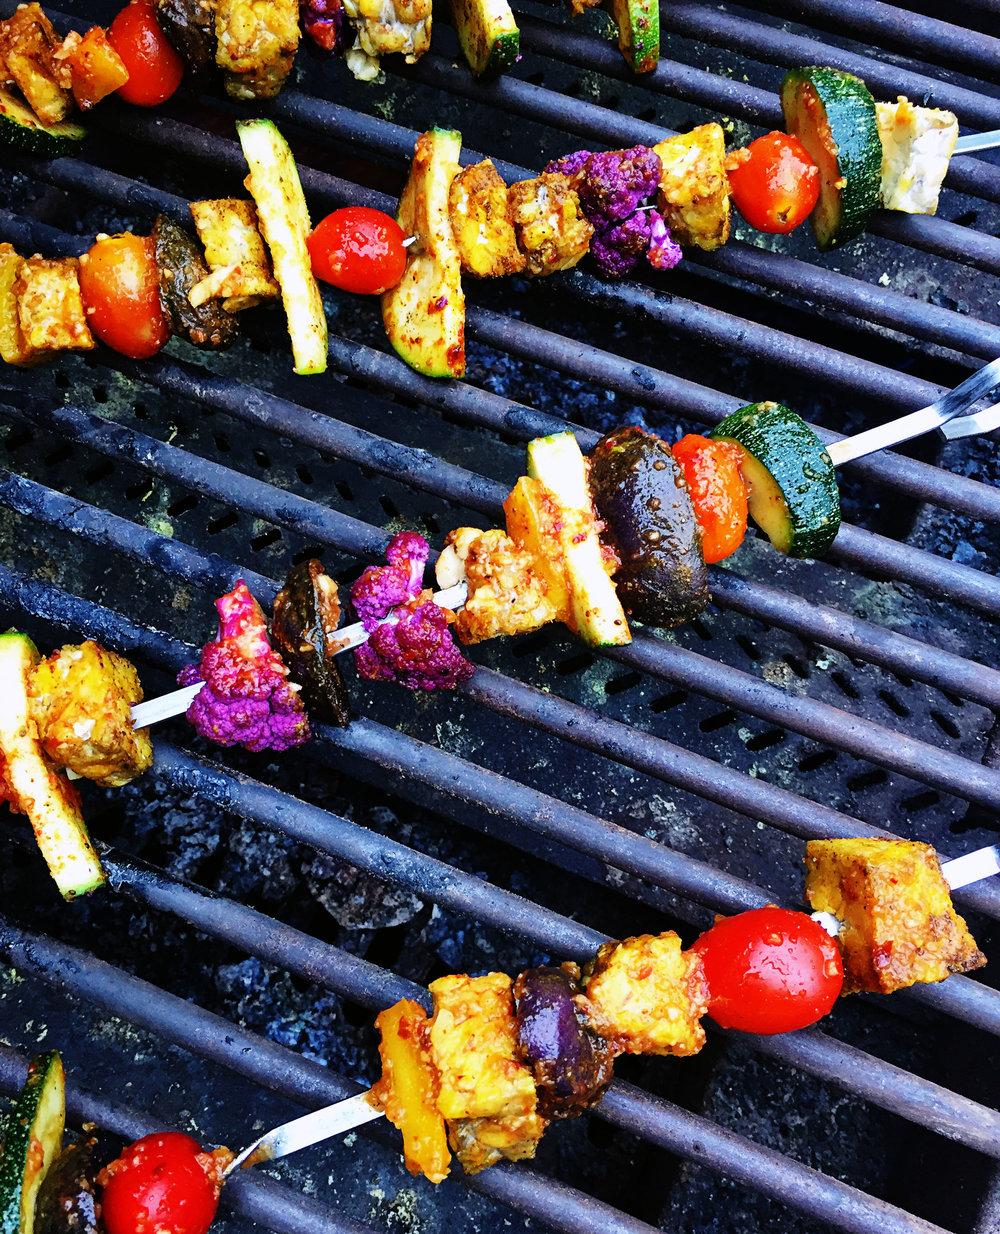 kebabs on grill.jpg